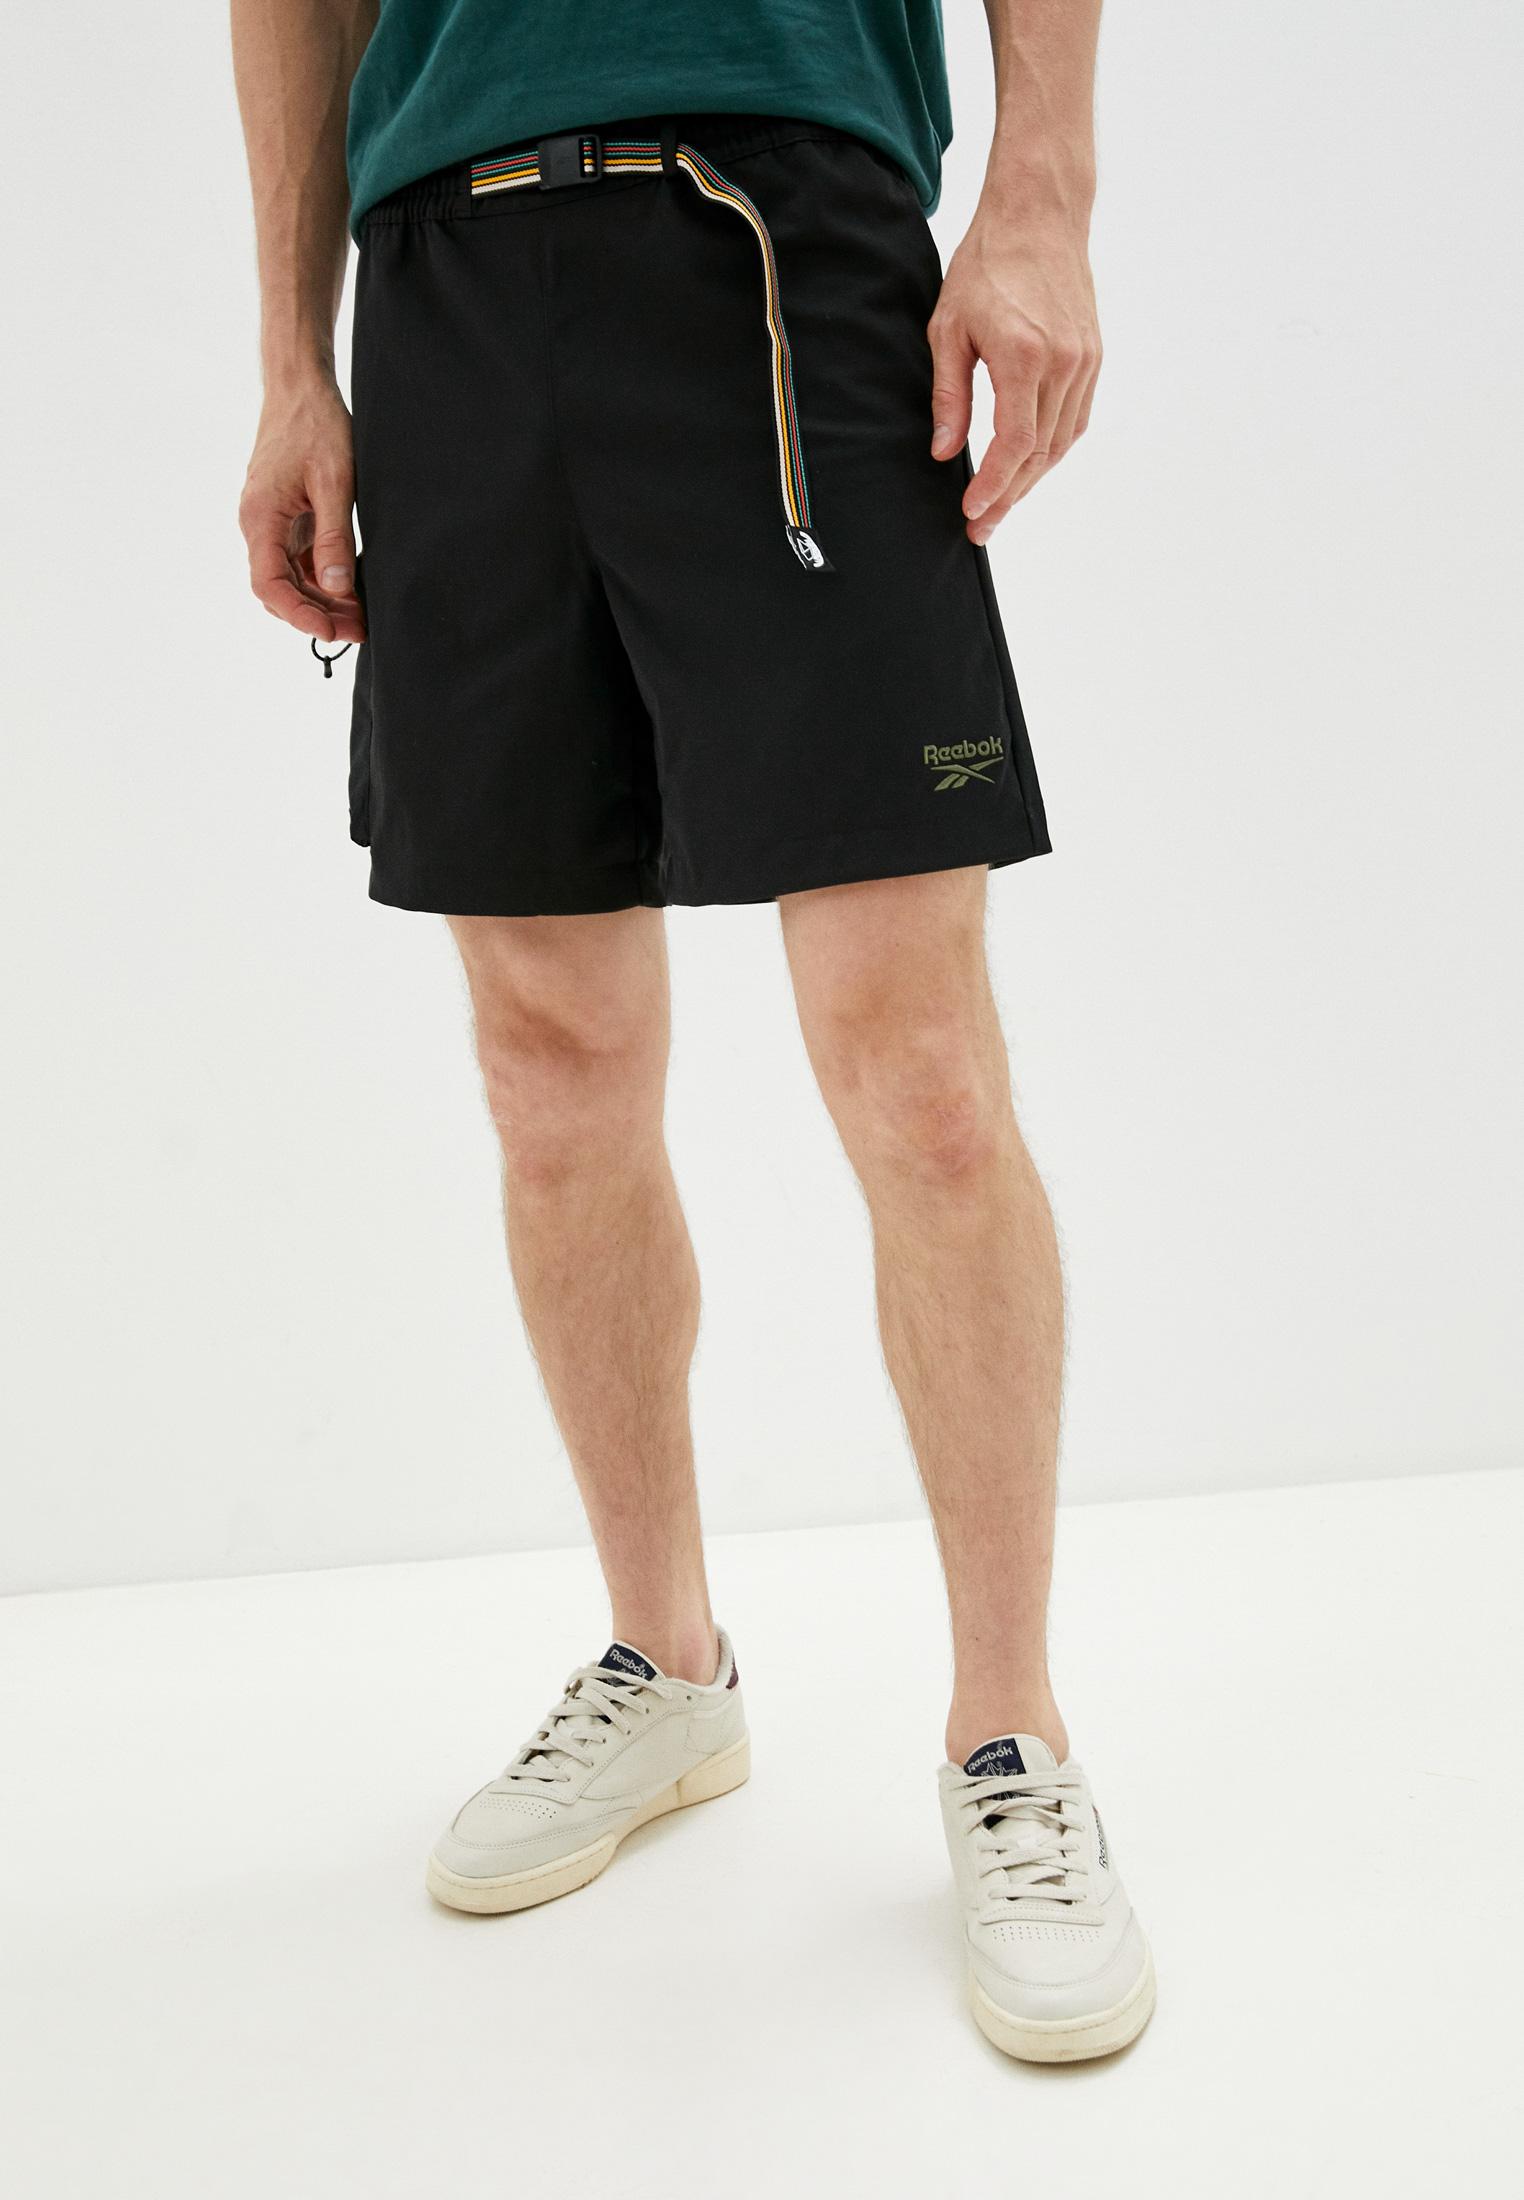 Мужские шорты Reebok Classic GV3428